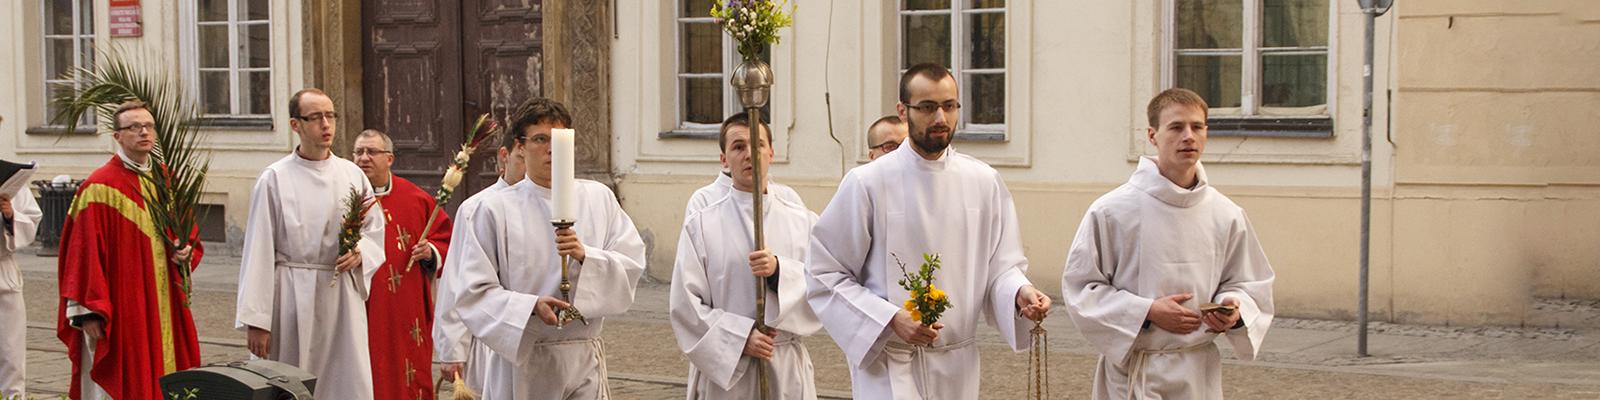 liturgia2 n